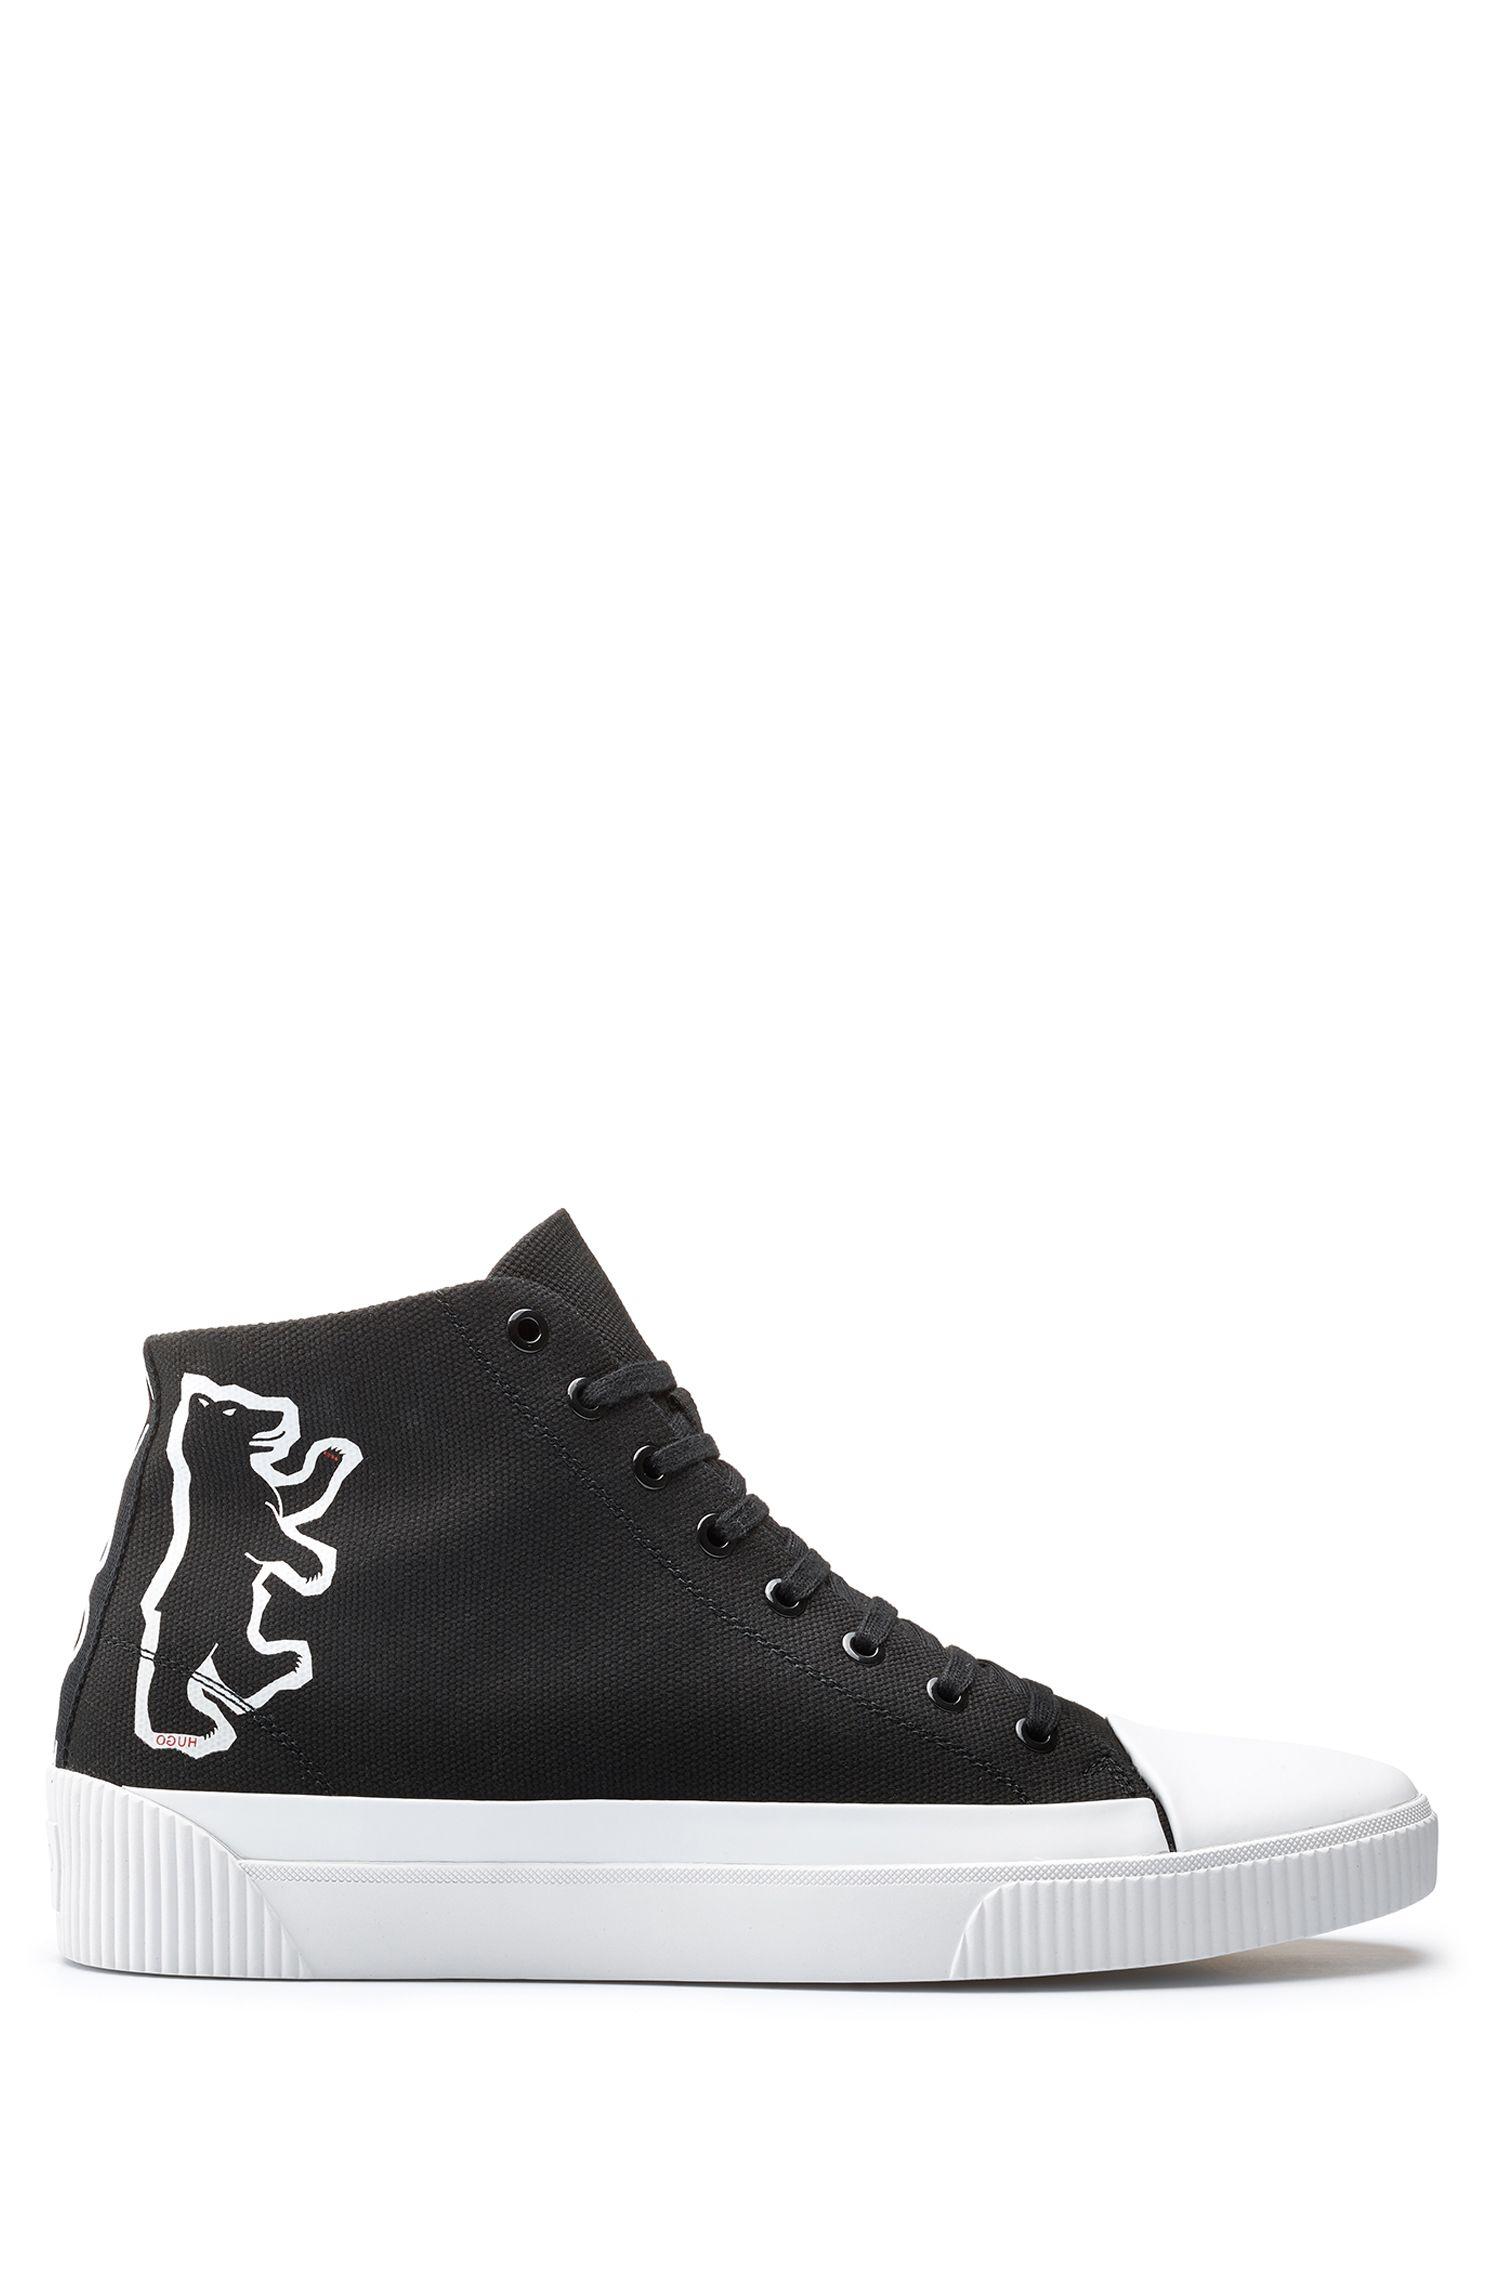 Hoge canvas sneakers met beerdessin, Zwart